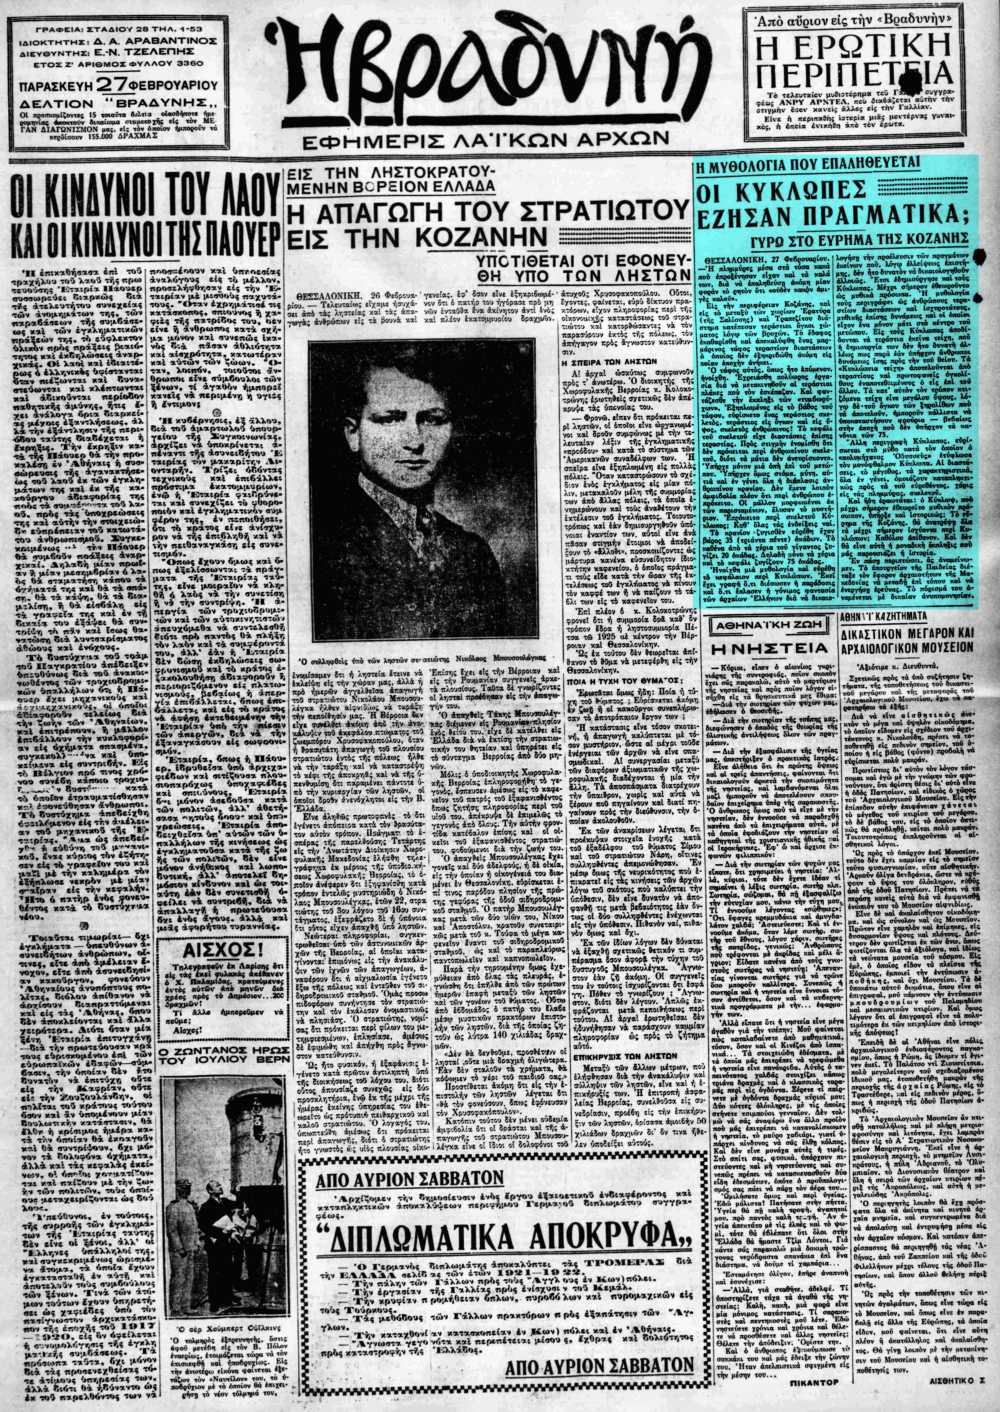 """Το άρθρο, όπως δημοσιεύθηκε στην εφημερίδα """"Η ΒΡΑΔΥΝΗ"""", στις 27/02/1931"""